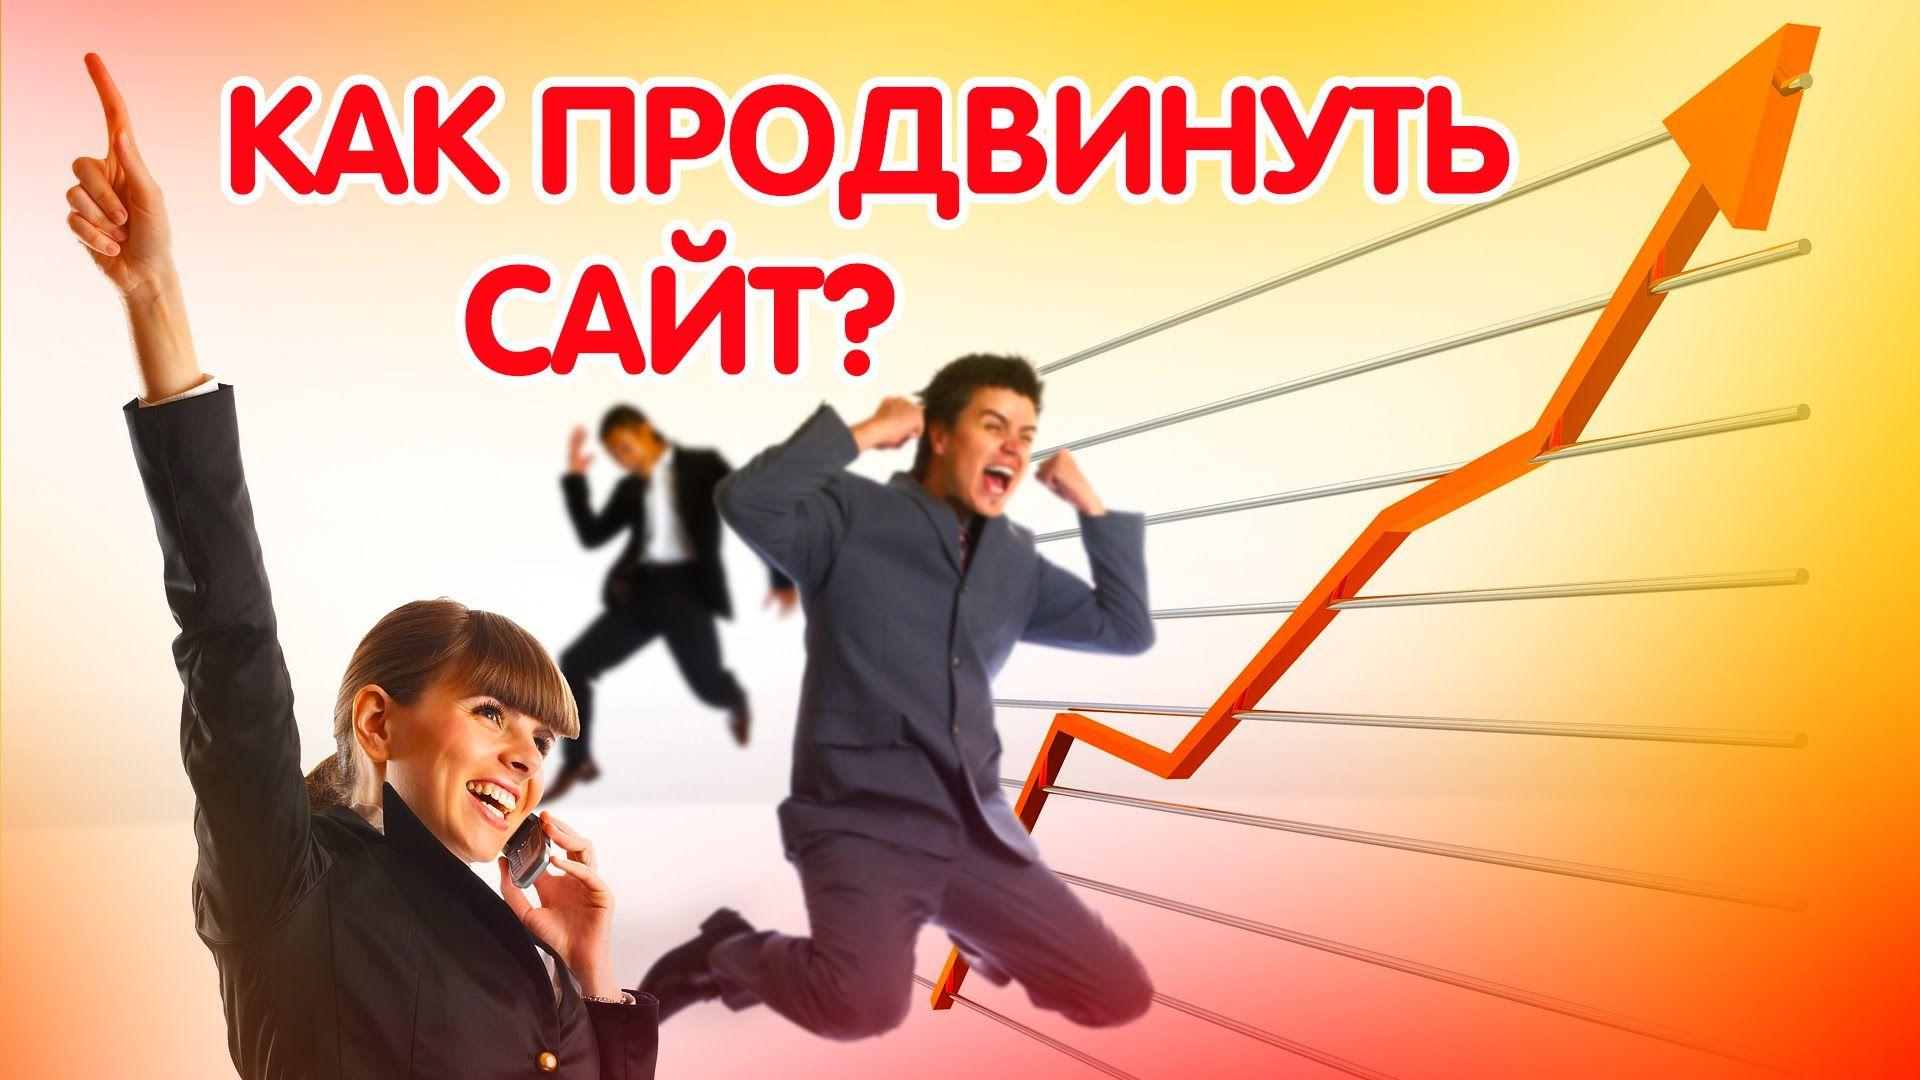 Почему продвижение сайта - это работа для надежной компании?